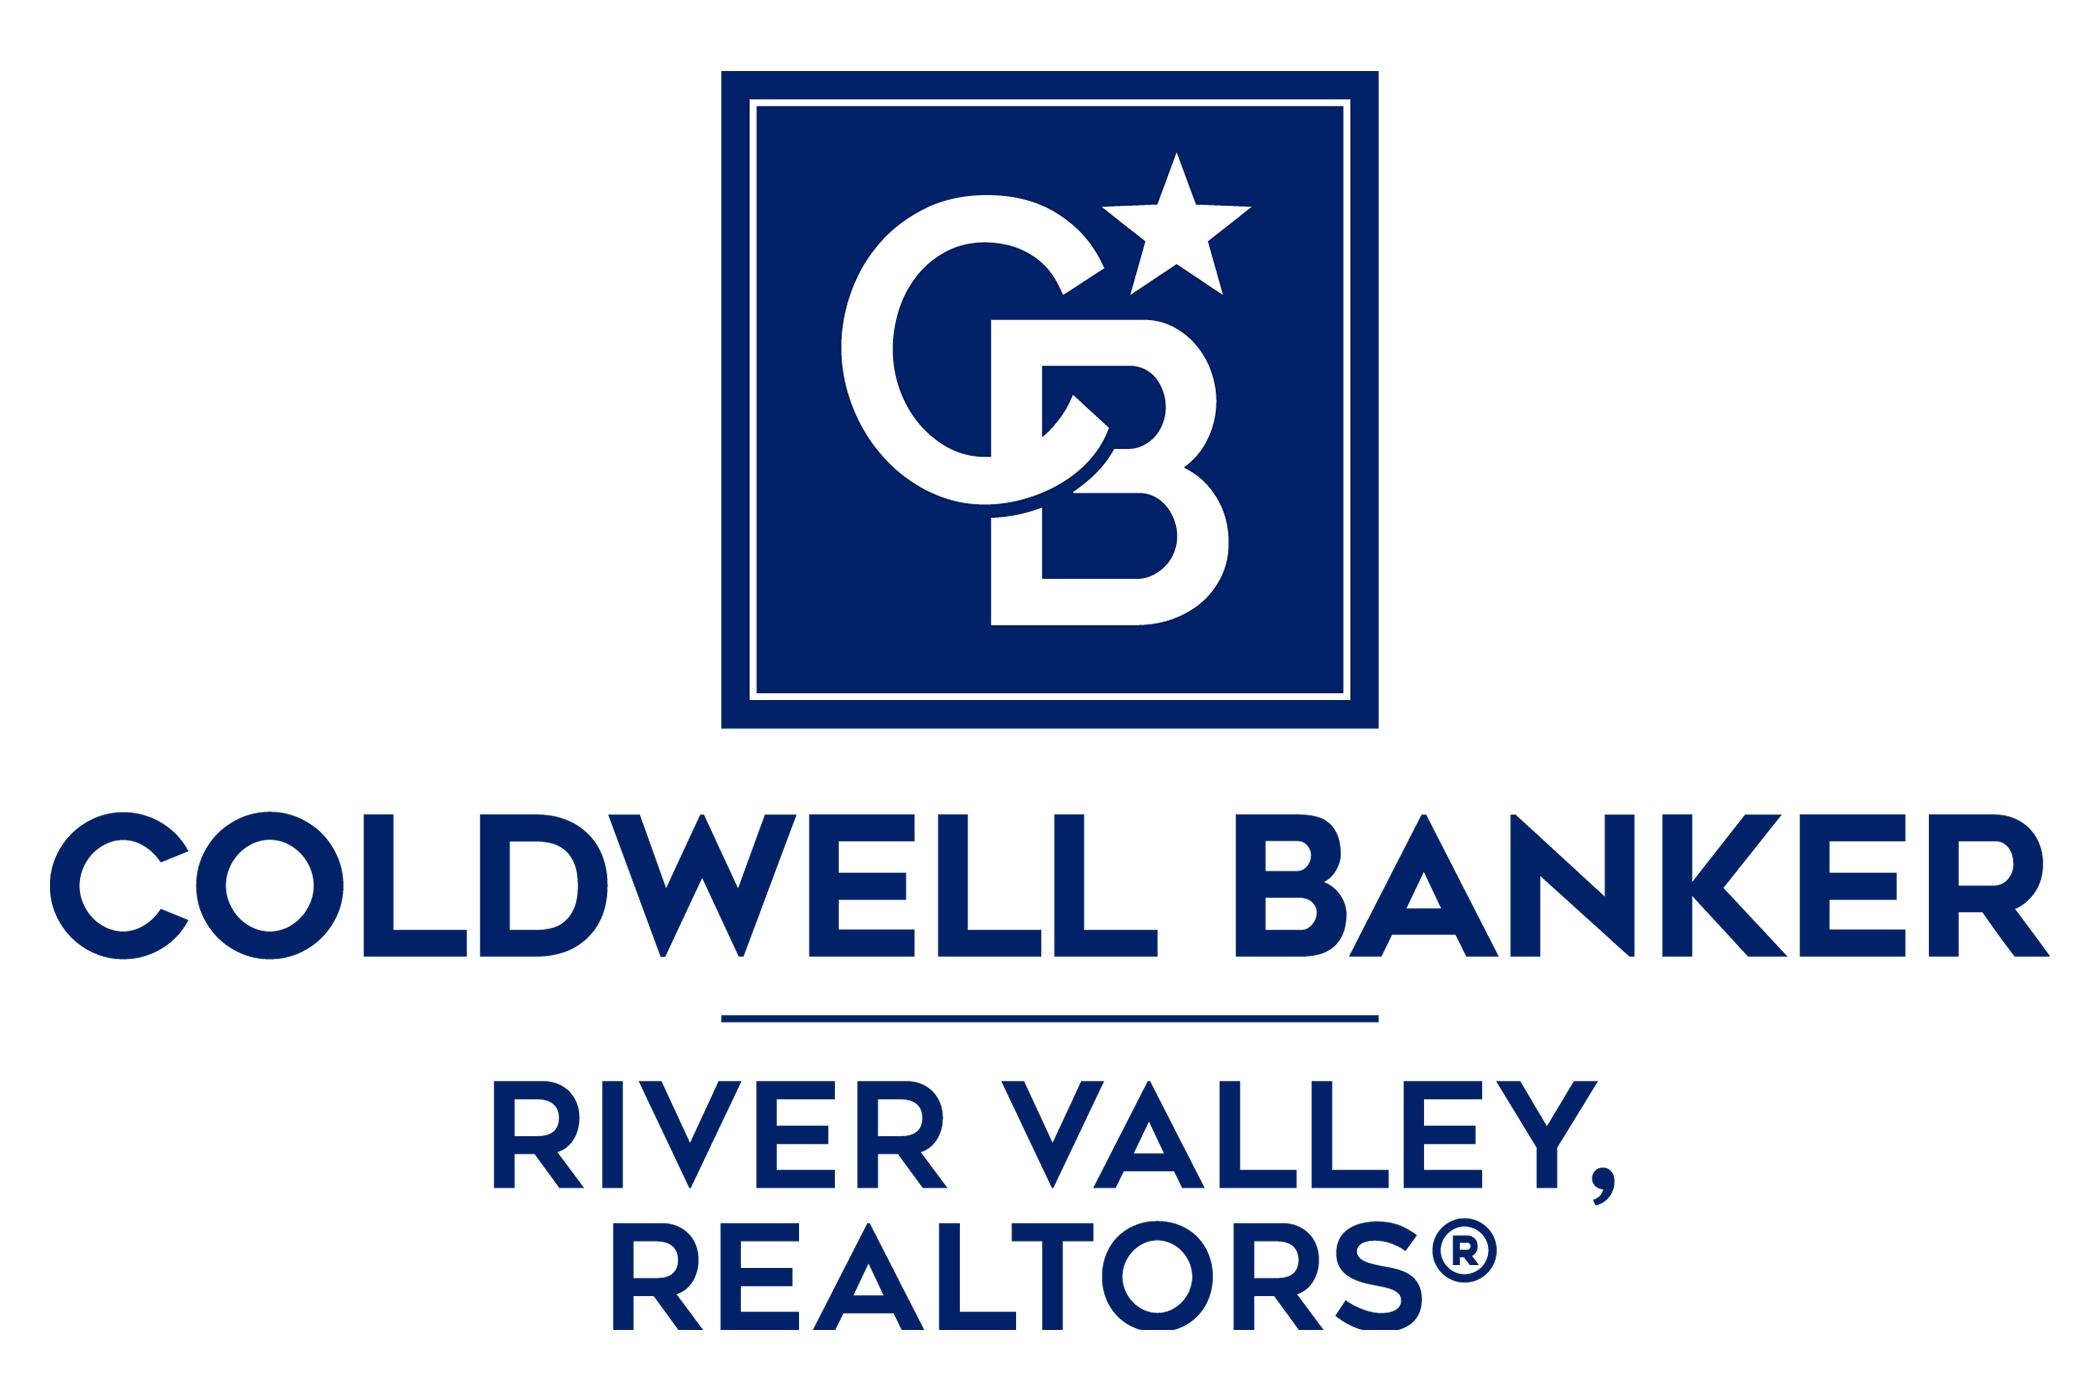 Kevin Hoag - Coldwell Banker River Valley Realtors